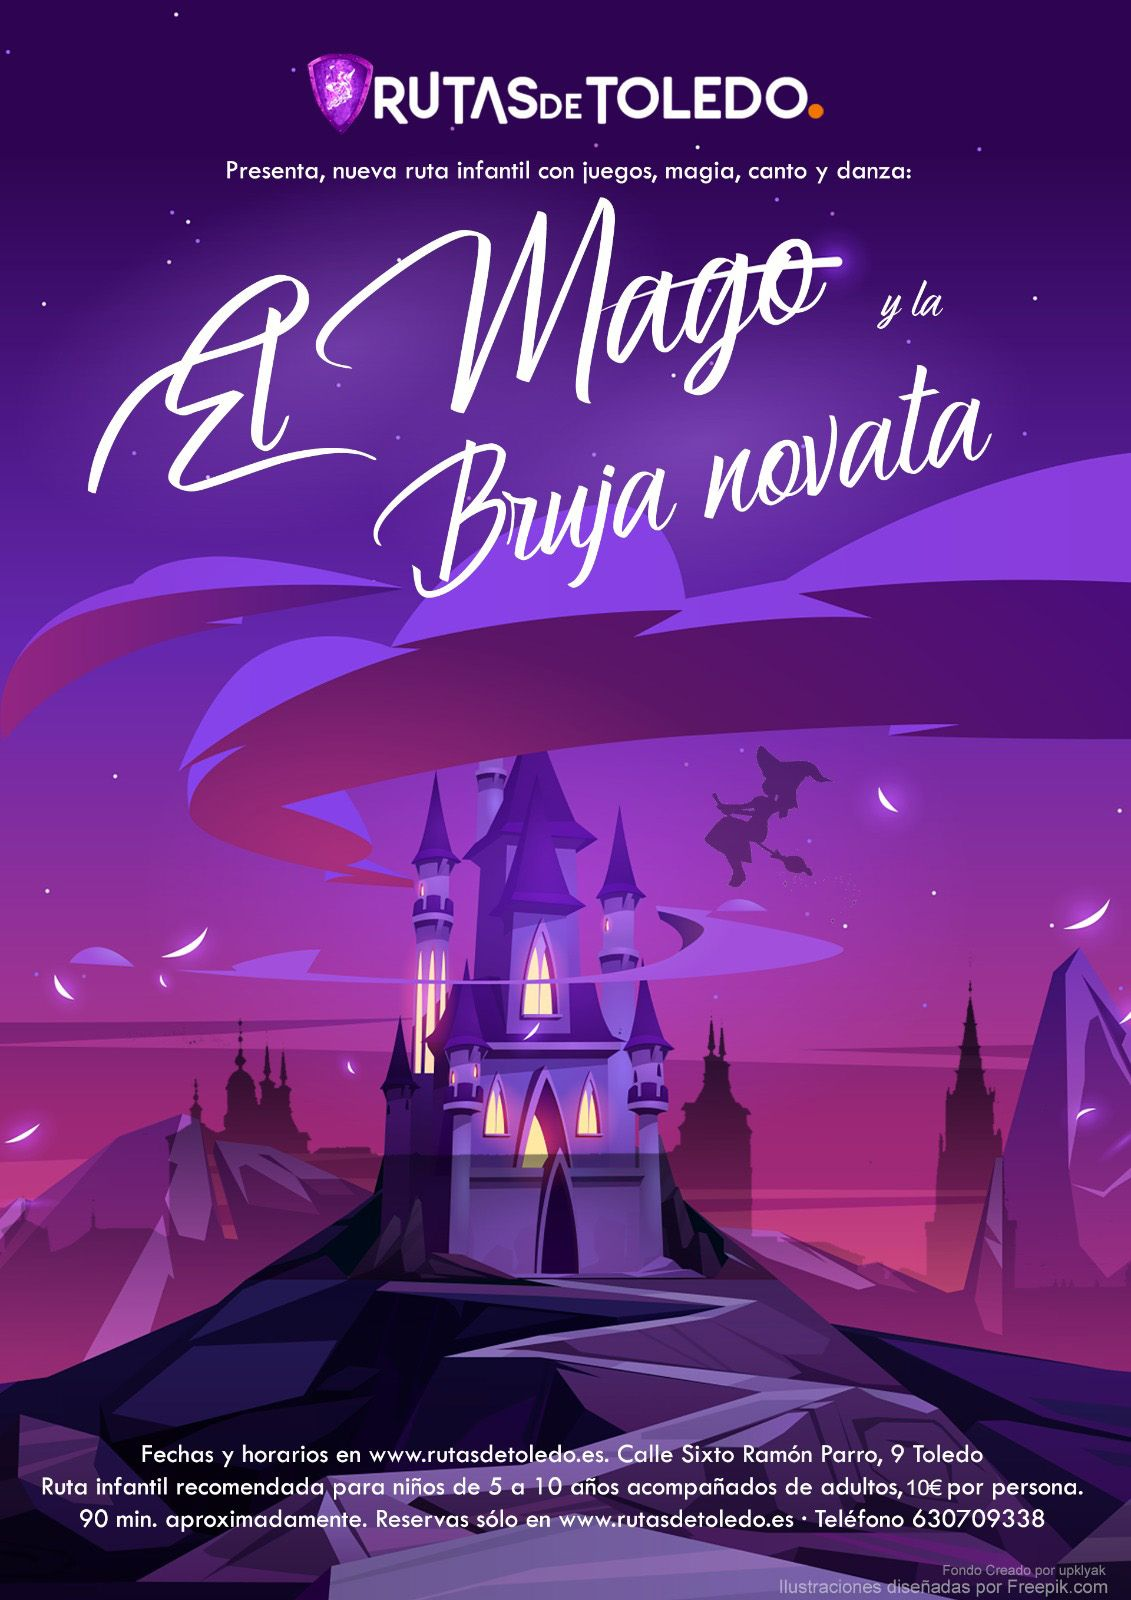 El Mago y la Bruja novata, ruta infantil en Toledo